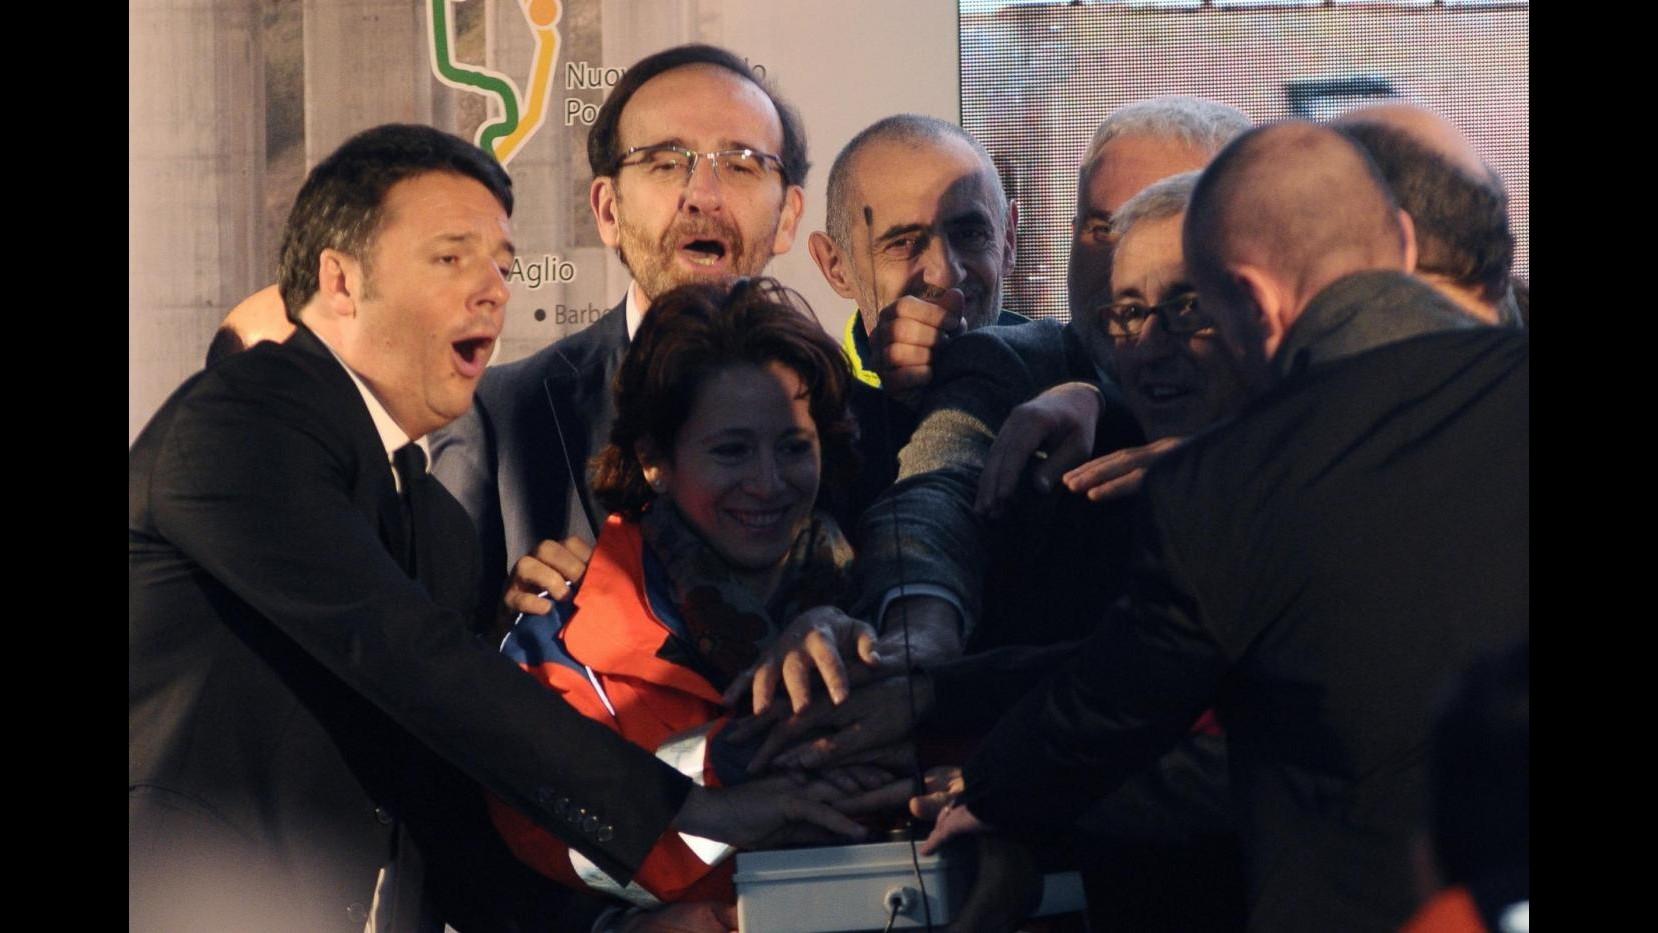 Aperta Variante Valico dopo 11 anni lavori Renzi: Addio professionisti piagnisteo